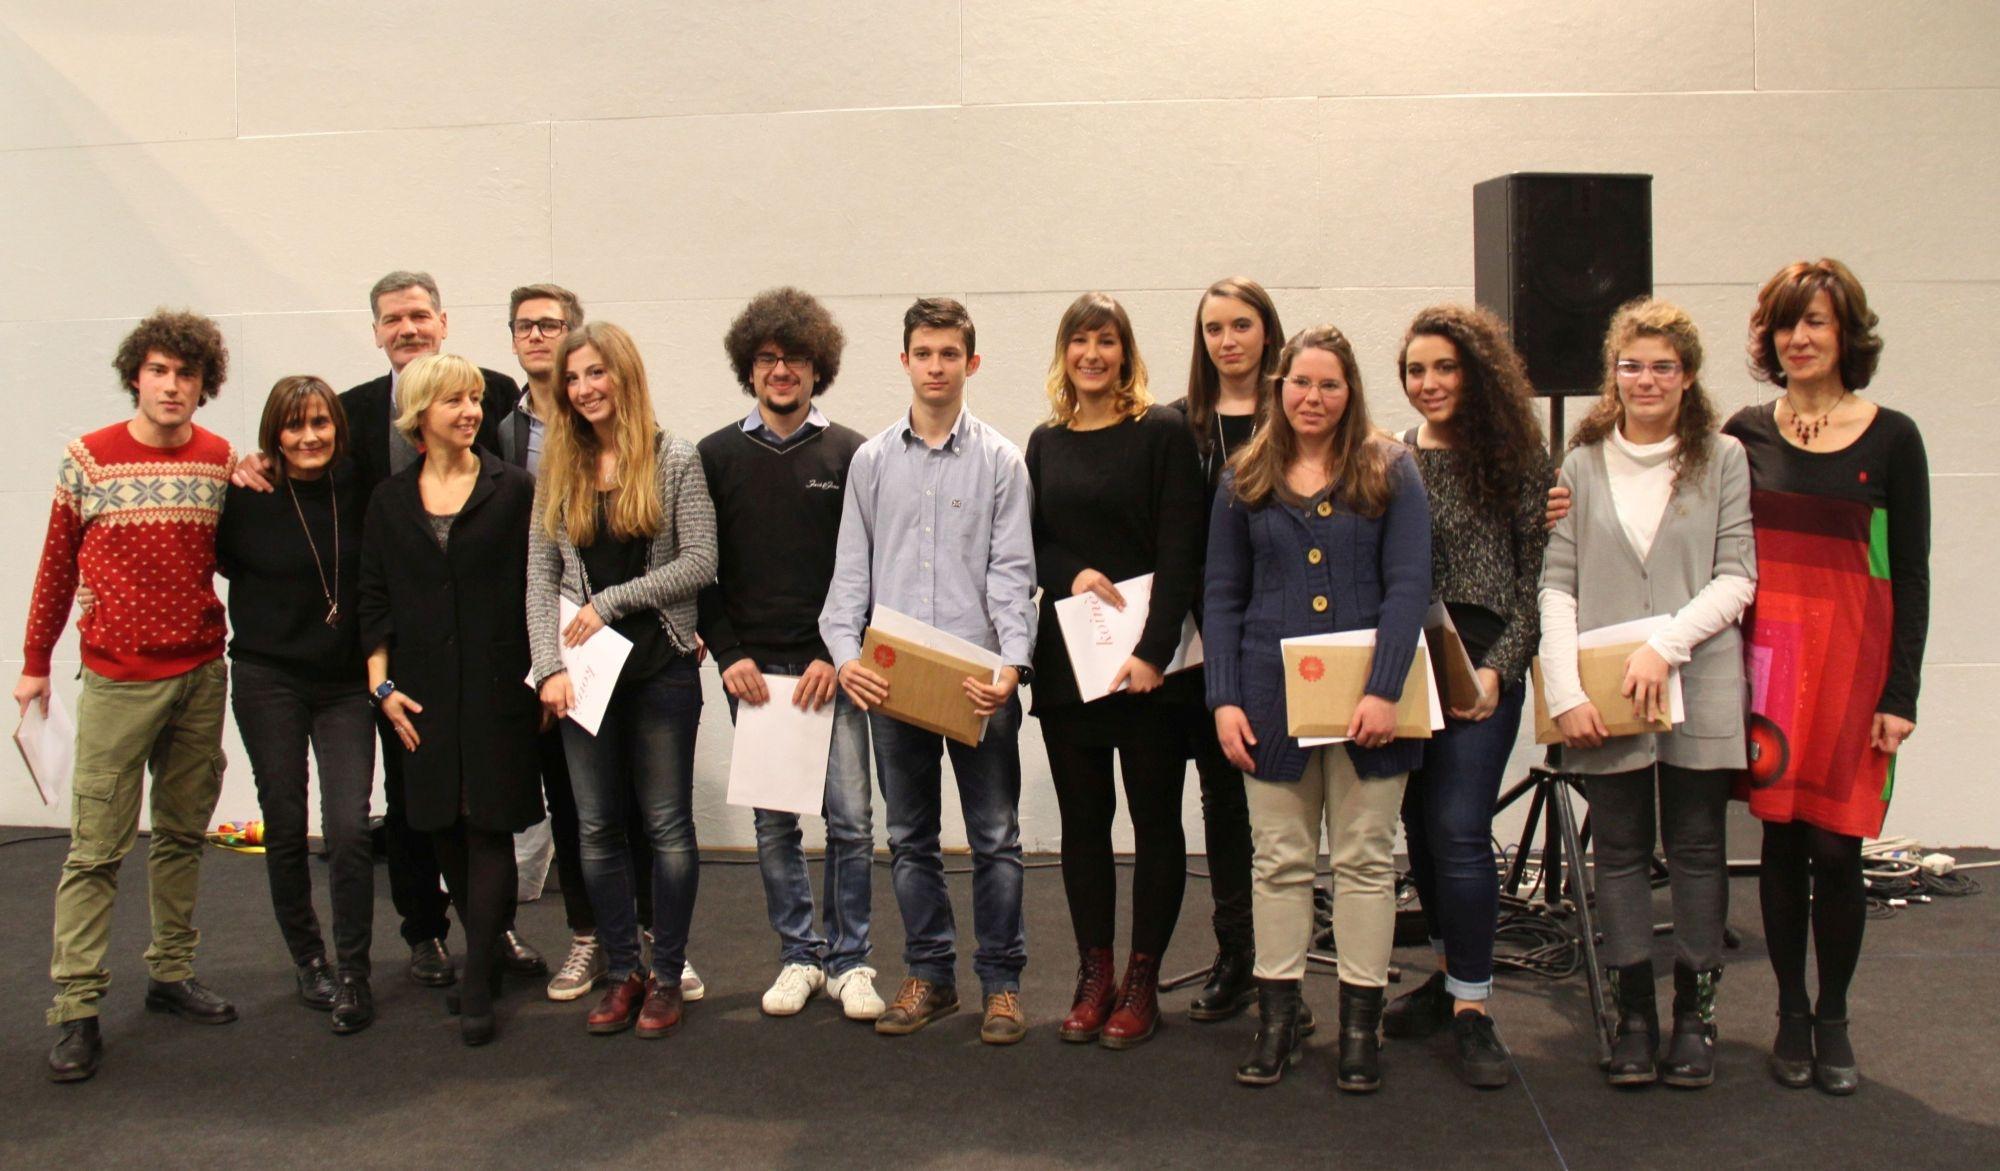 Koinè premia gli studenti migliori. Borse di studio dedicate a Silvia Broncolo e Giuseppe Zanieri